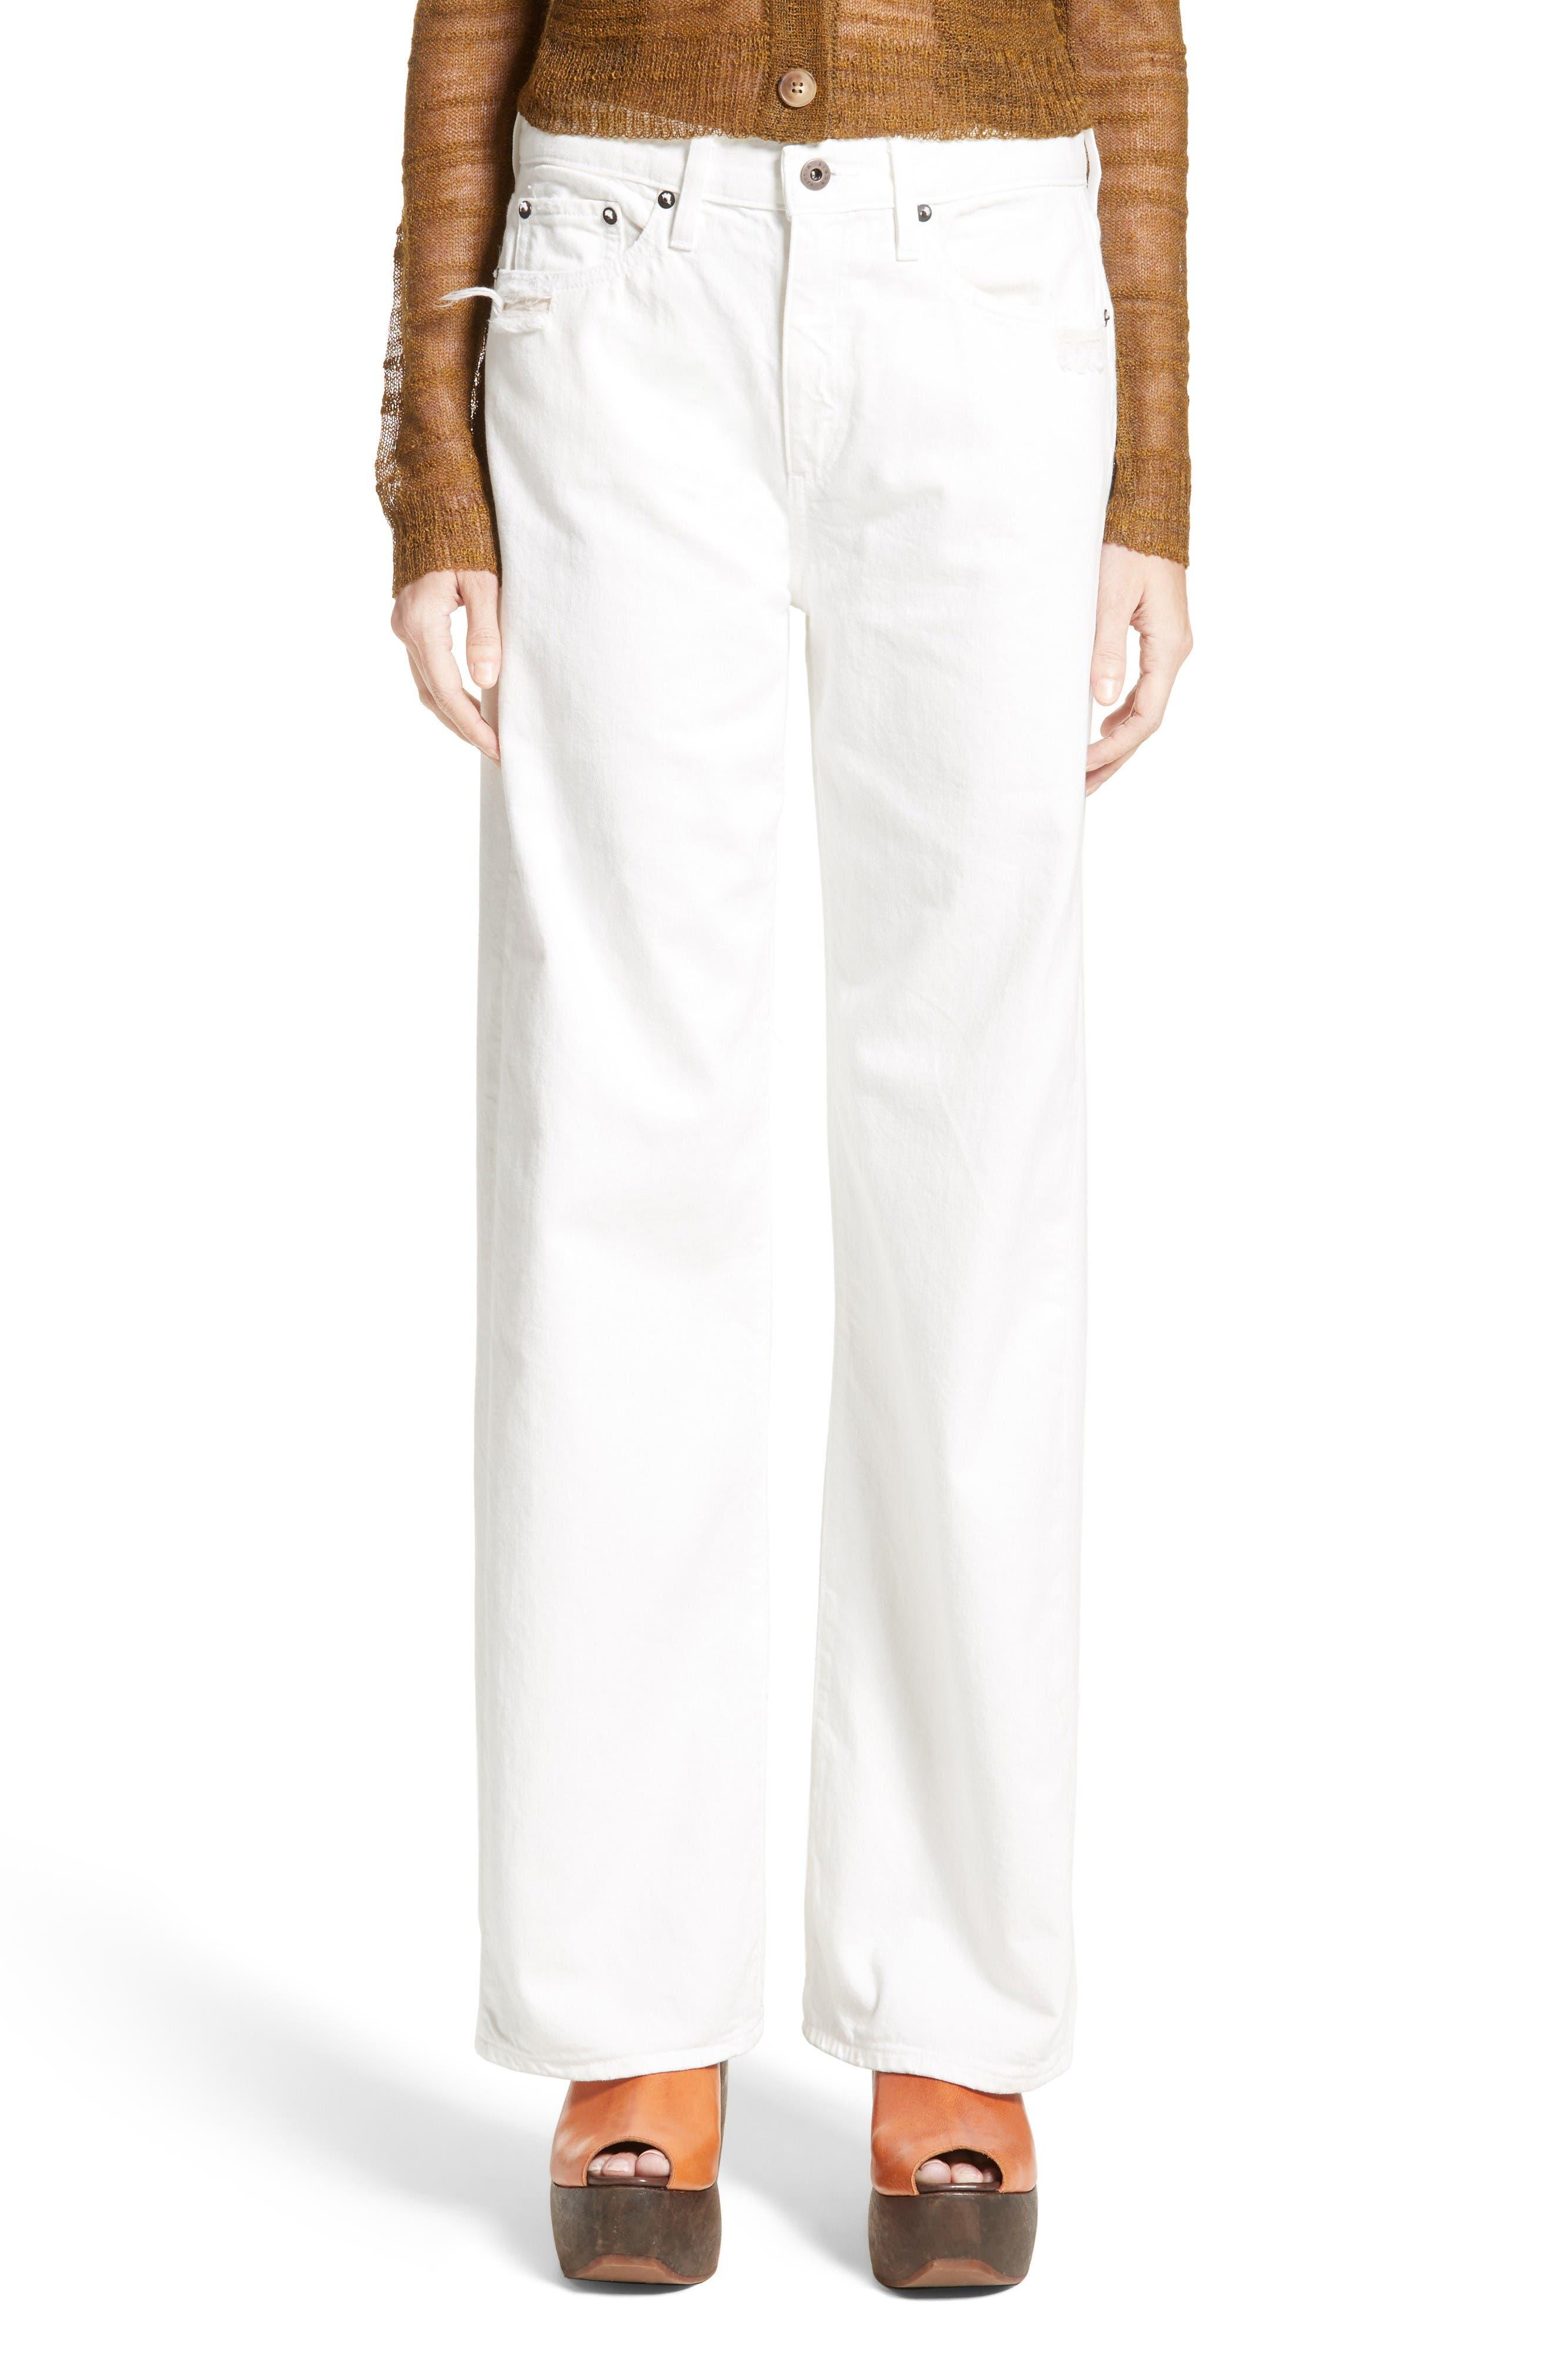 Alternate Image 1 Selected - Simon Miller Latta Ankle Jeans